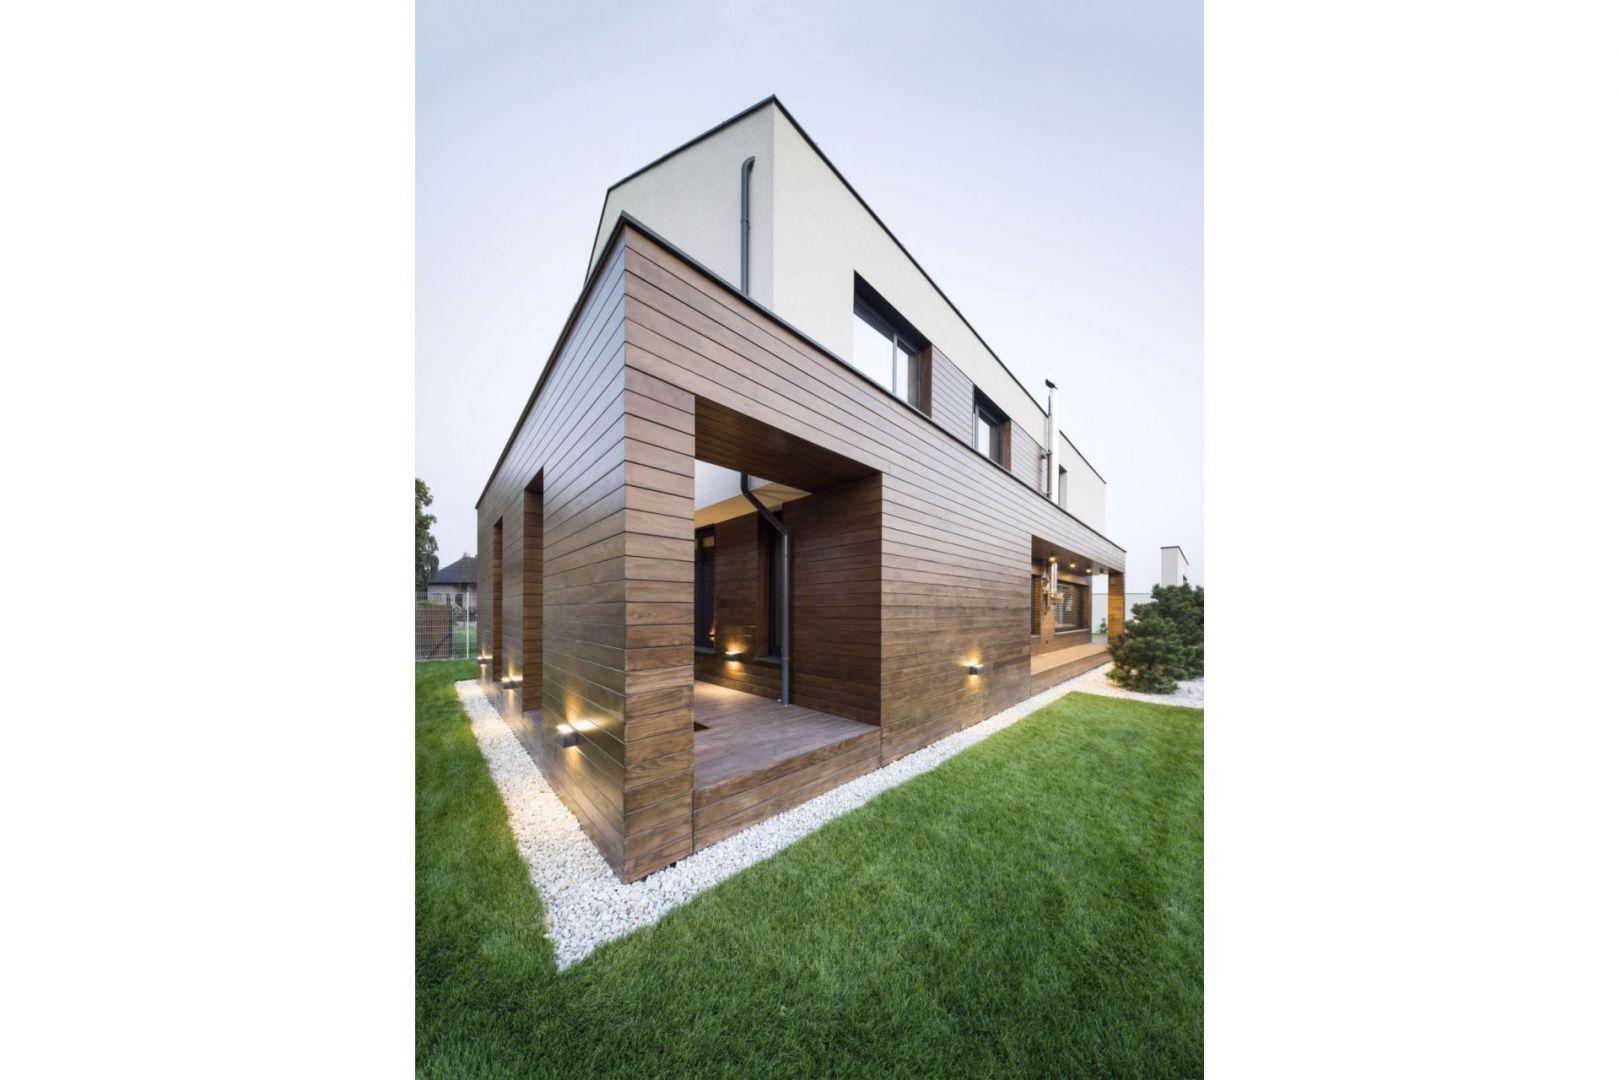 Od wielu lat, razem z betonem i szkłem, drewno stanowi jeden z charakterystycznych wizualnych elementów współczesnego budownictwa. Fot. Thermory